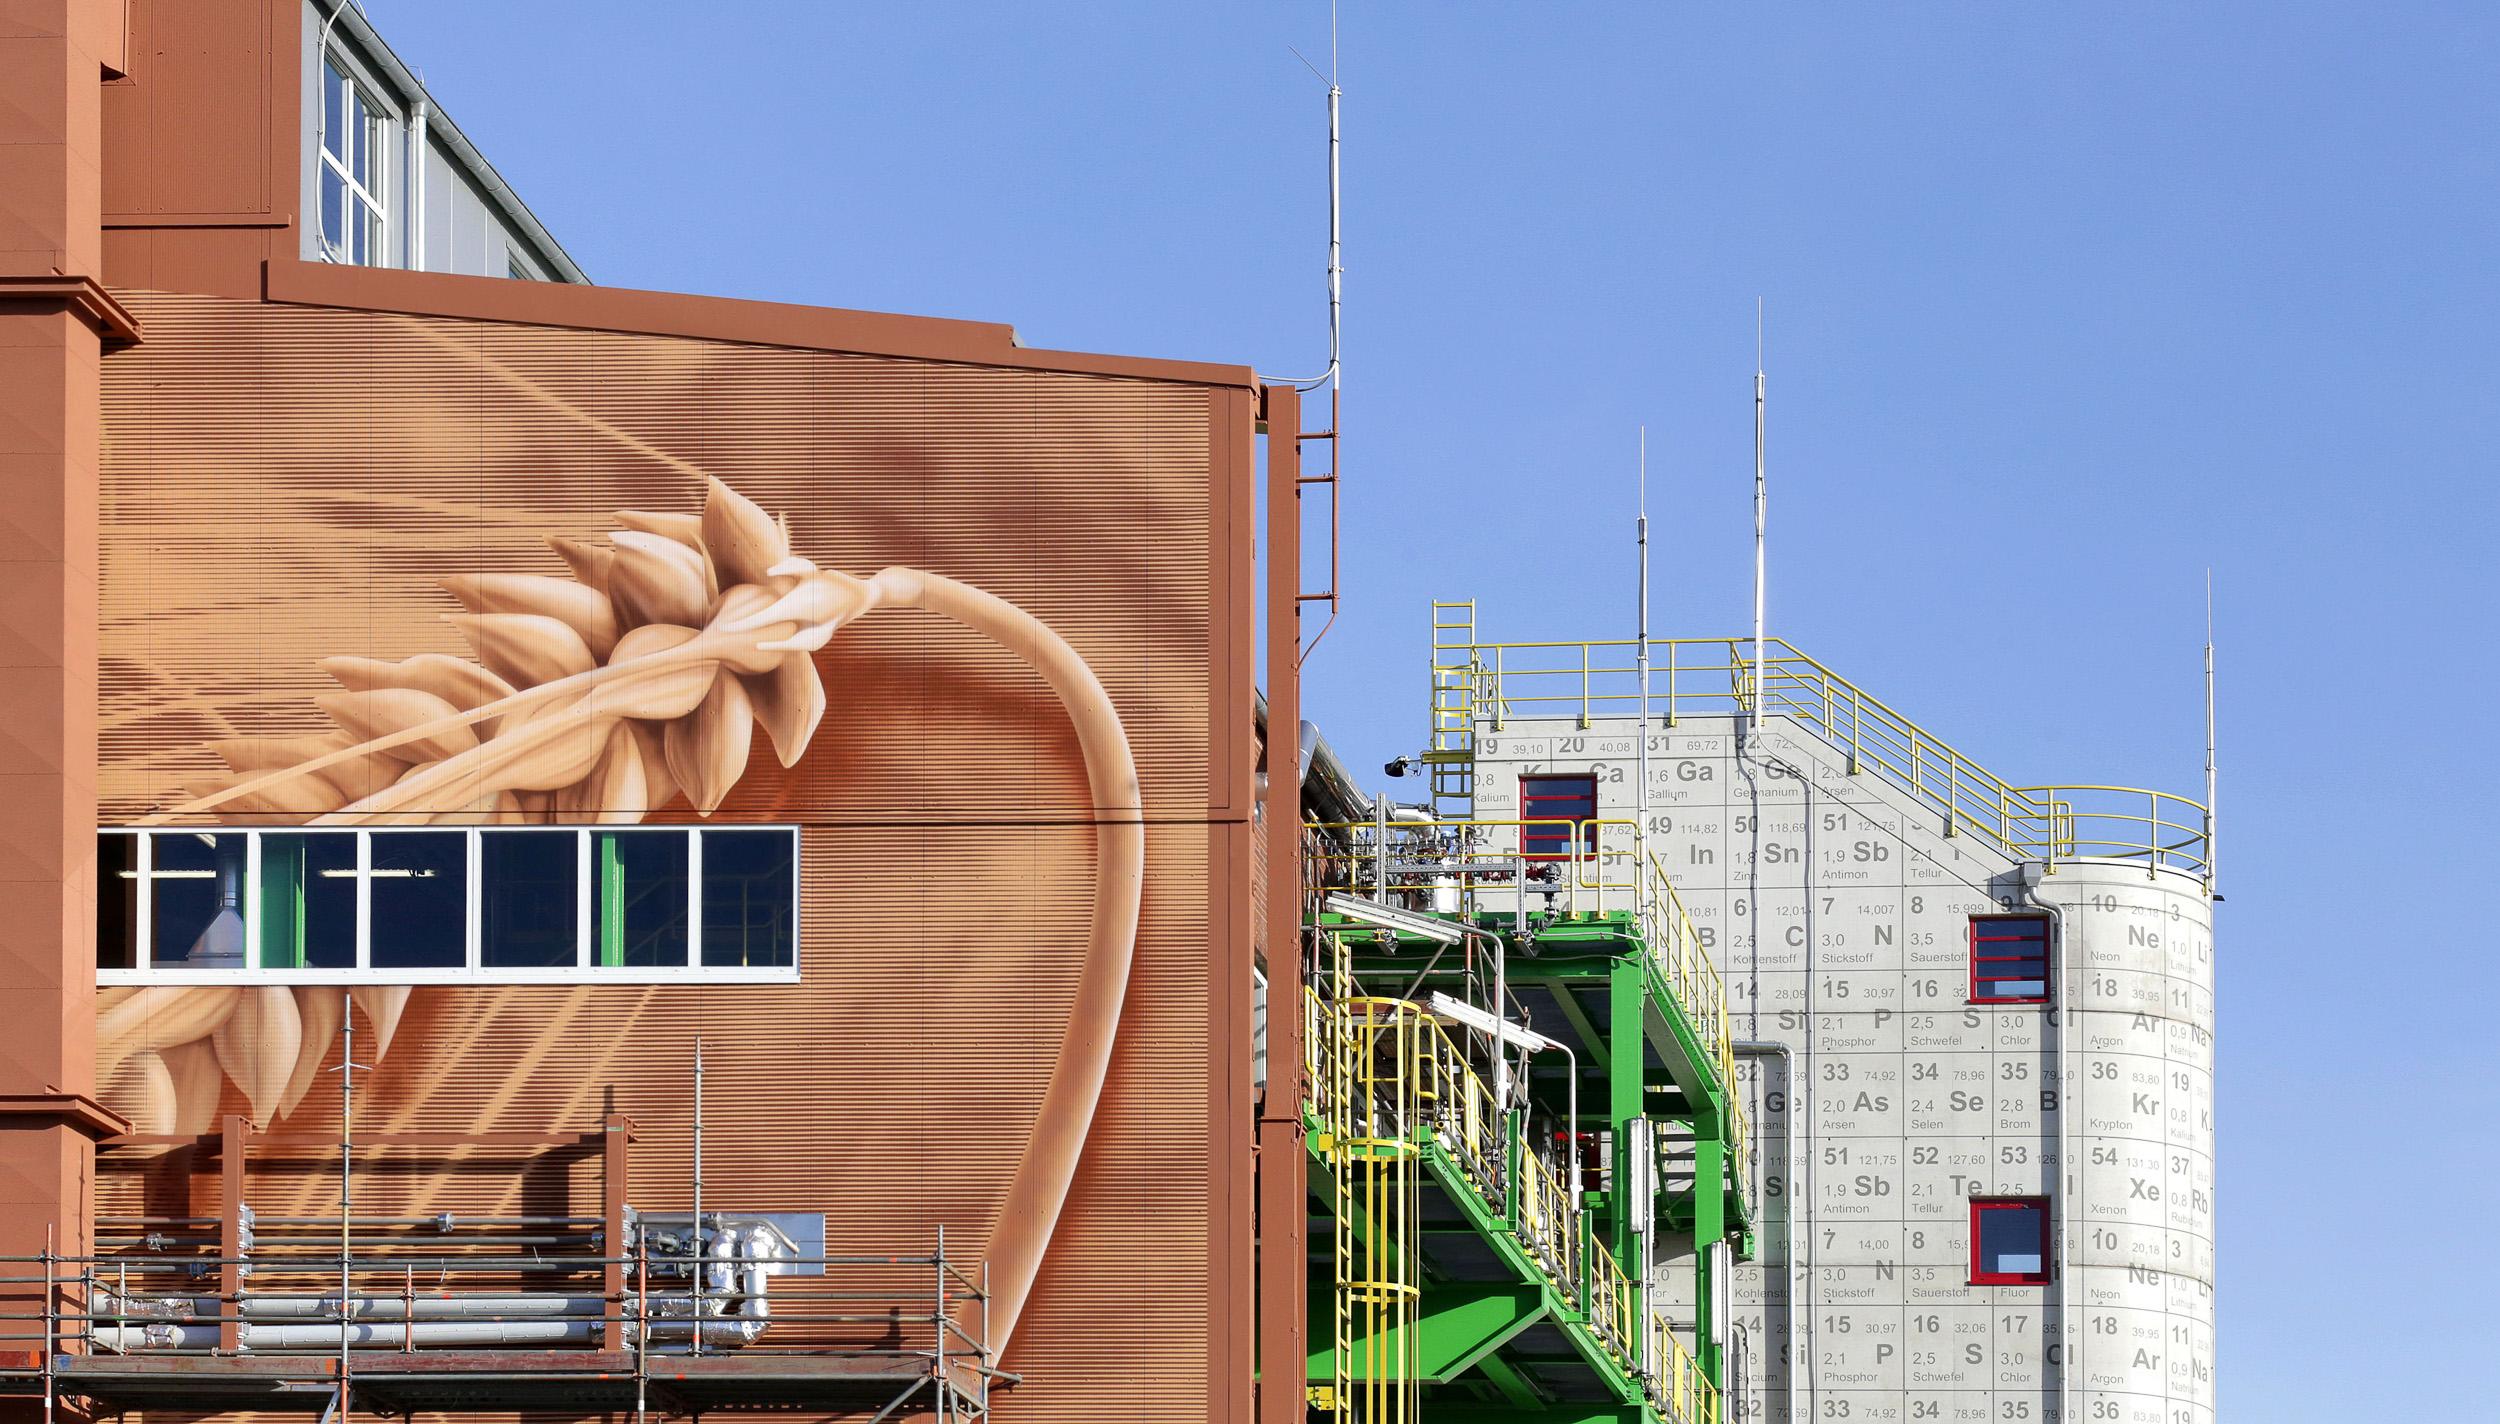 Fassadengestaltung-Industrie-Bayer-Dormagen-trapezblech-verkleidung-treppenhaus-beton-beschriftung.jpg